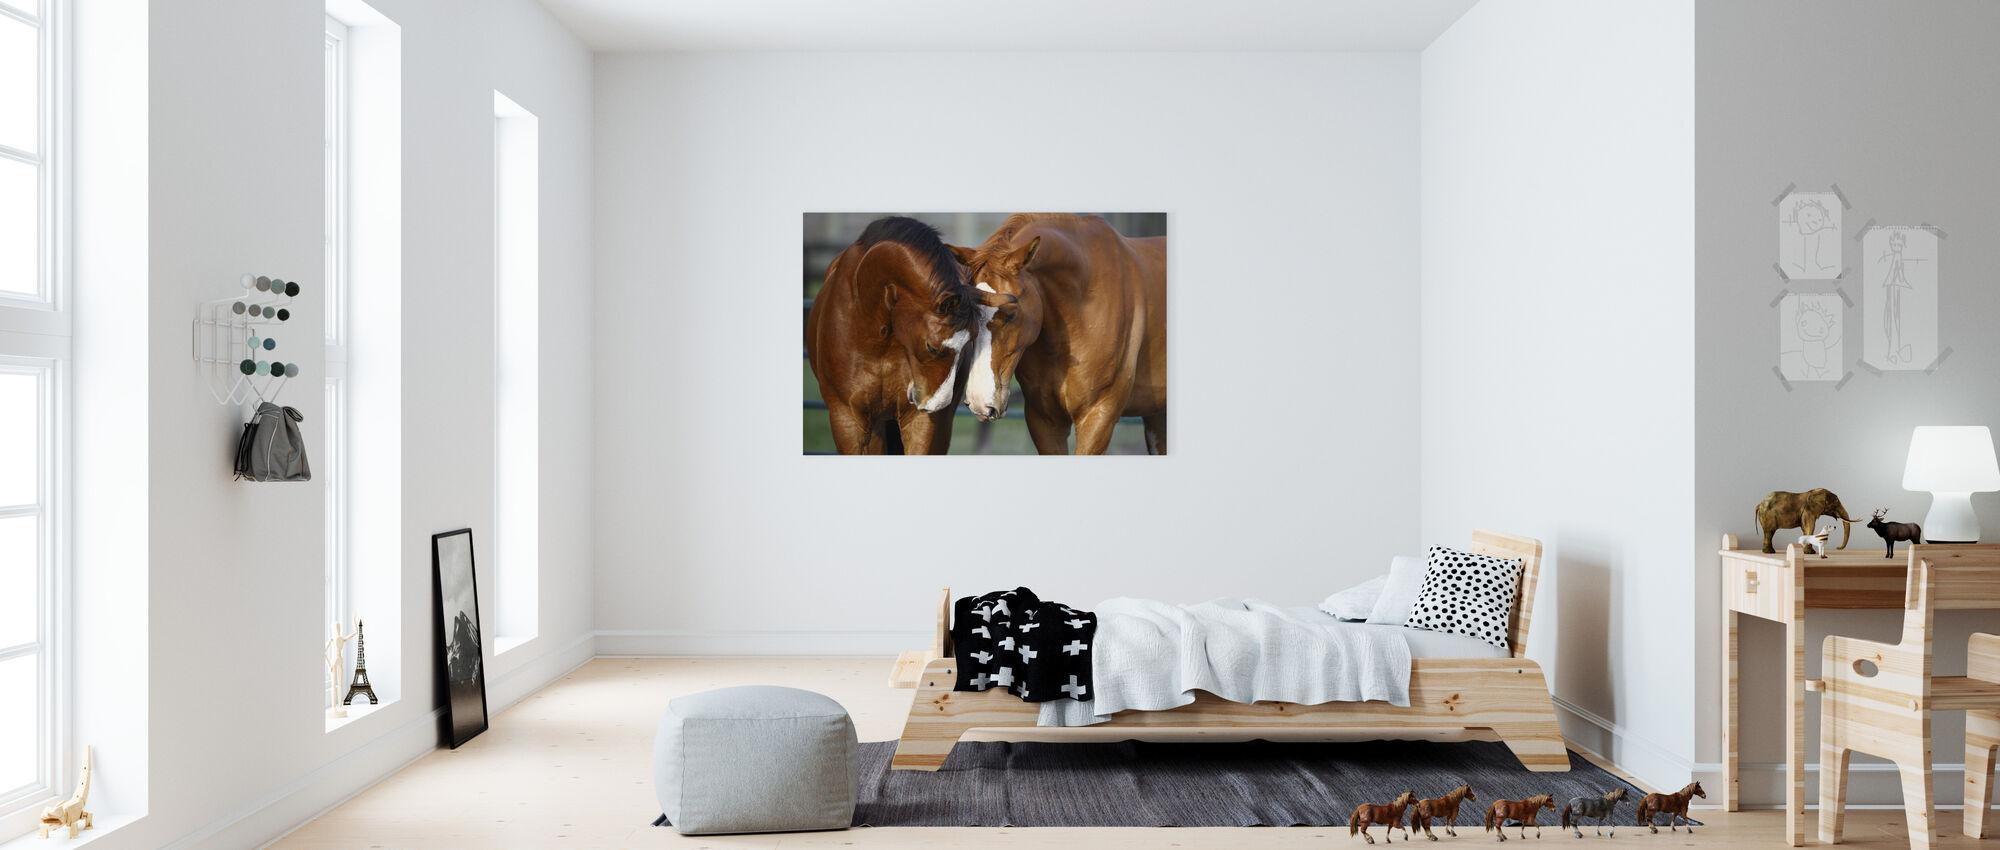 Chevaux dans l'amour - Impression sur toile - Chambre des enfants